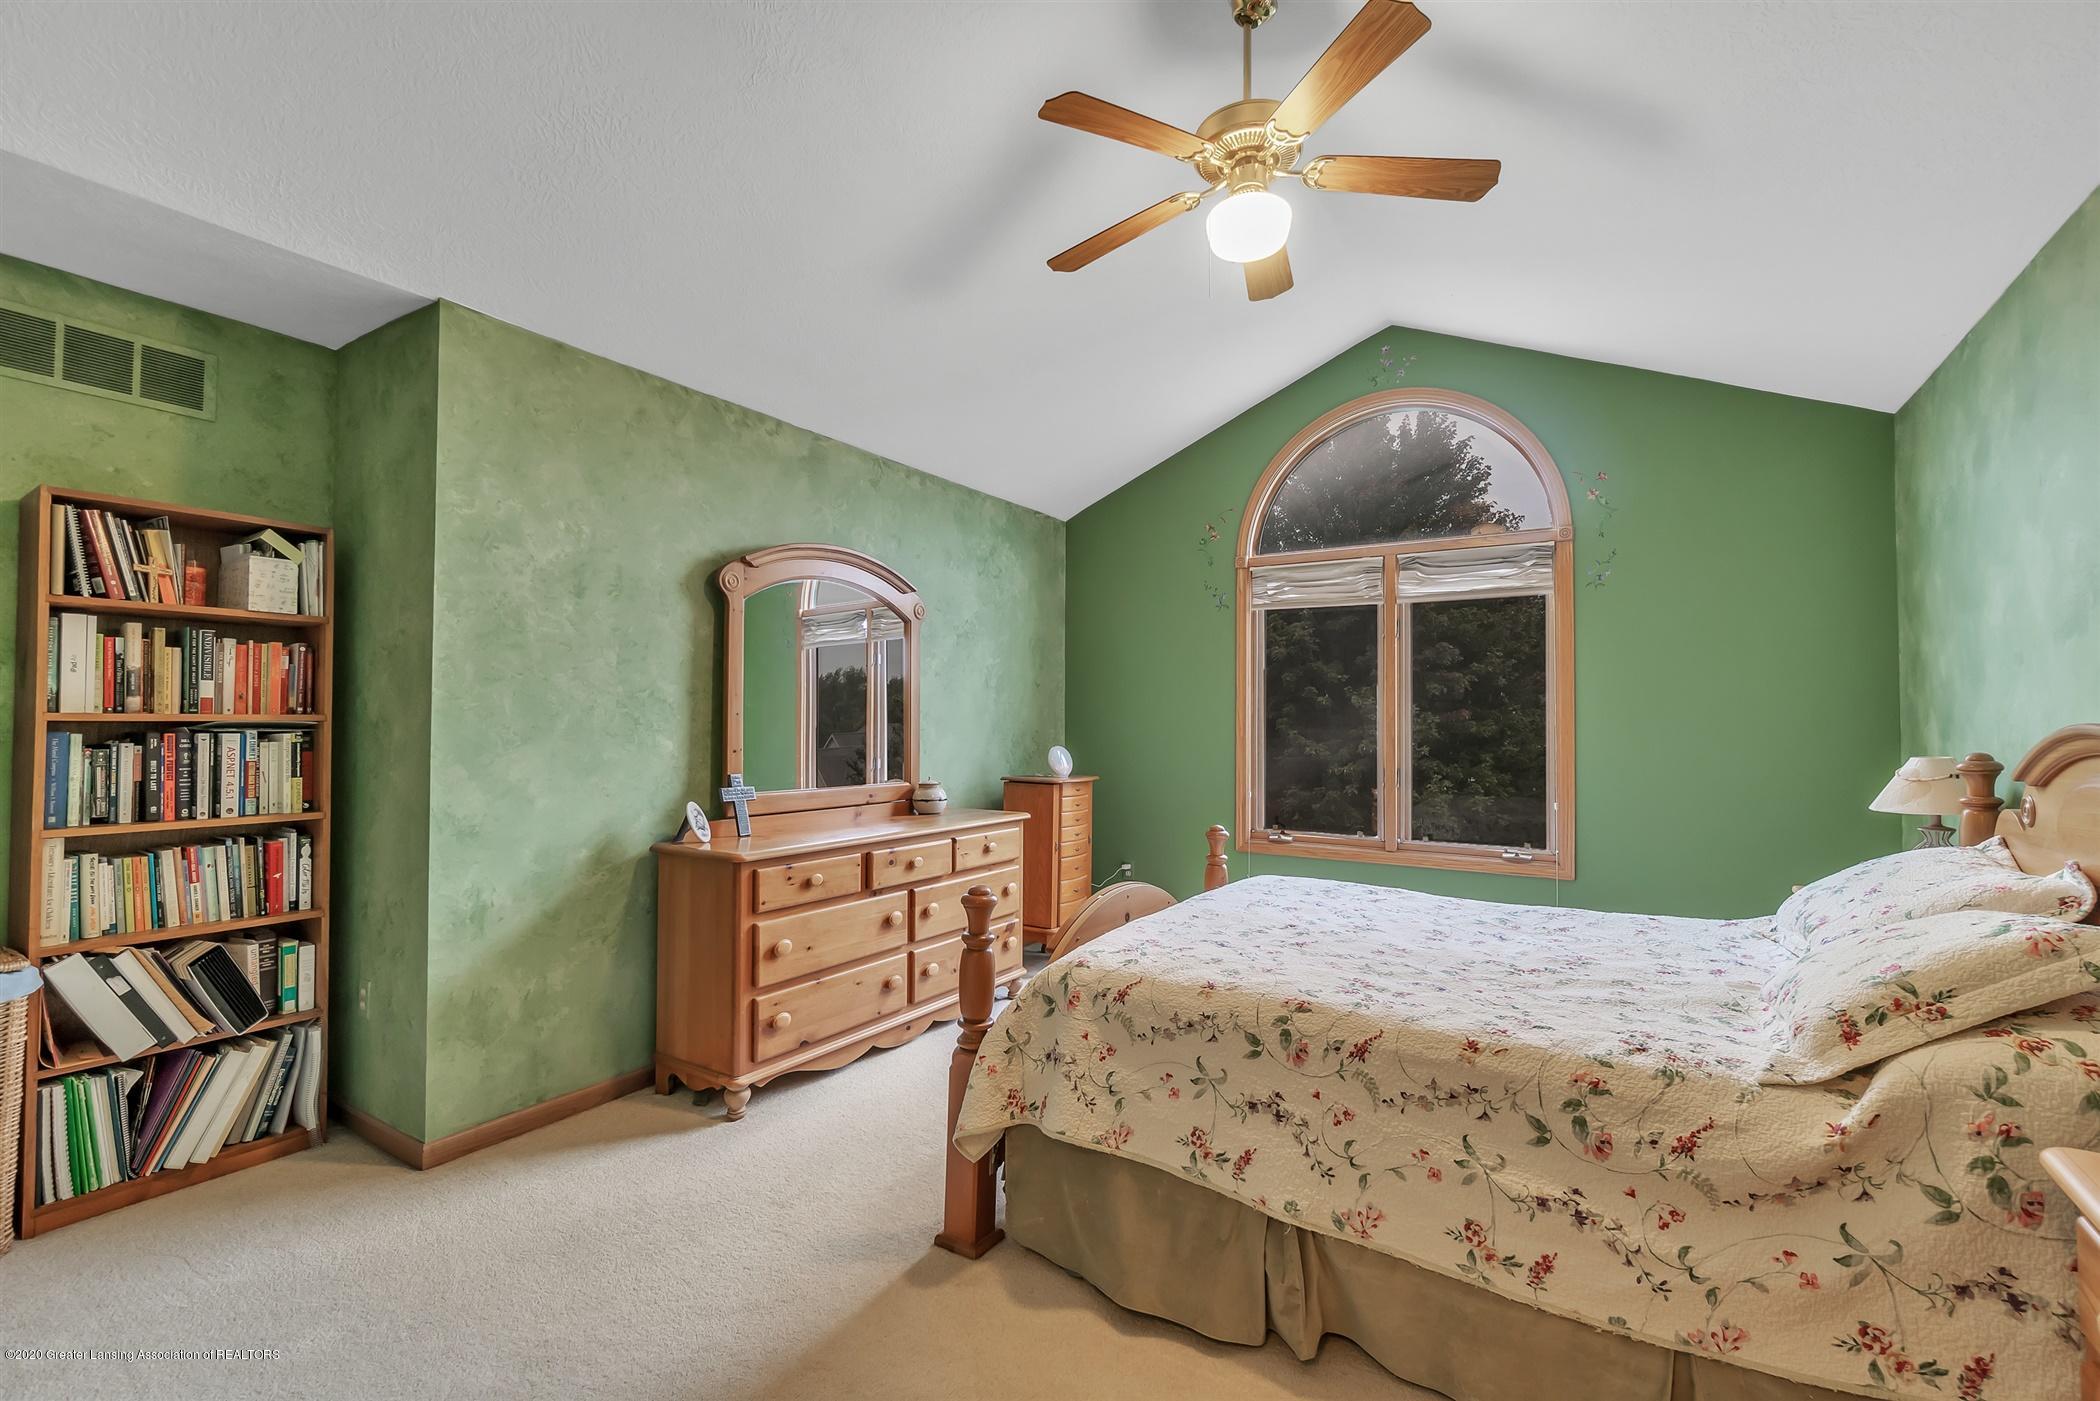 11910 Schavey Rd - 45-11910 Schavey Rd.-windowstill-re - 45